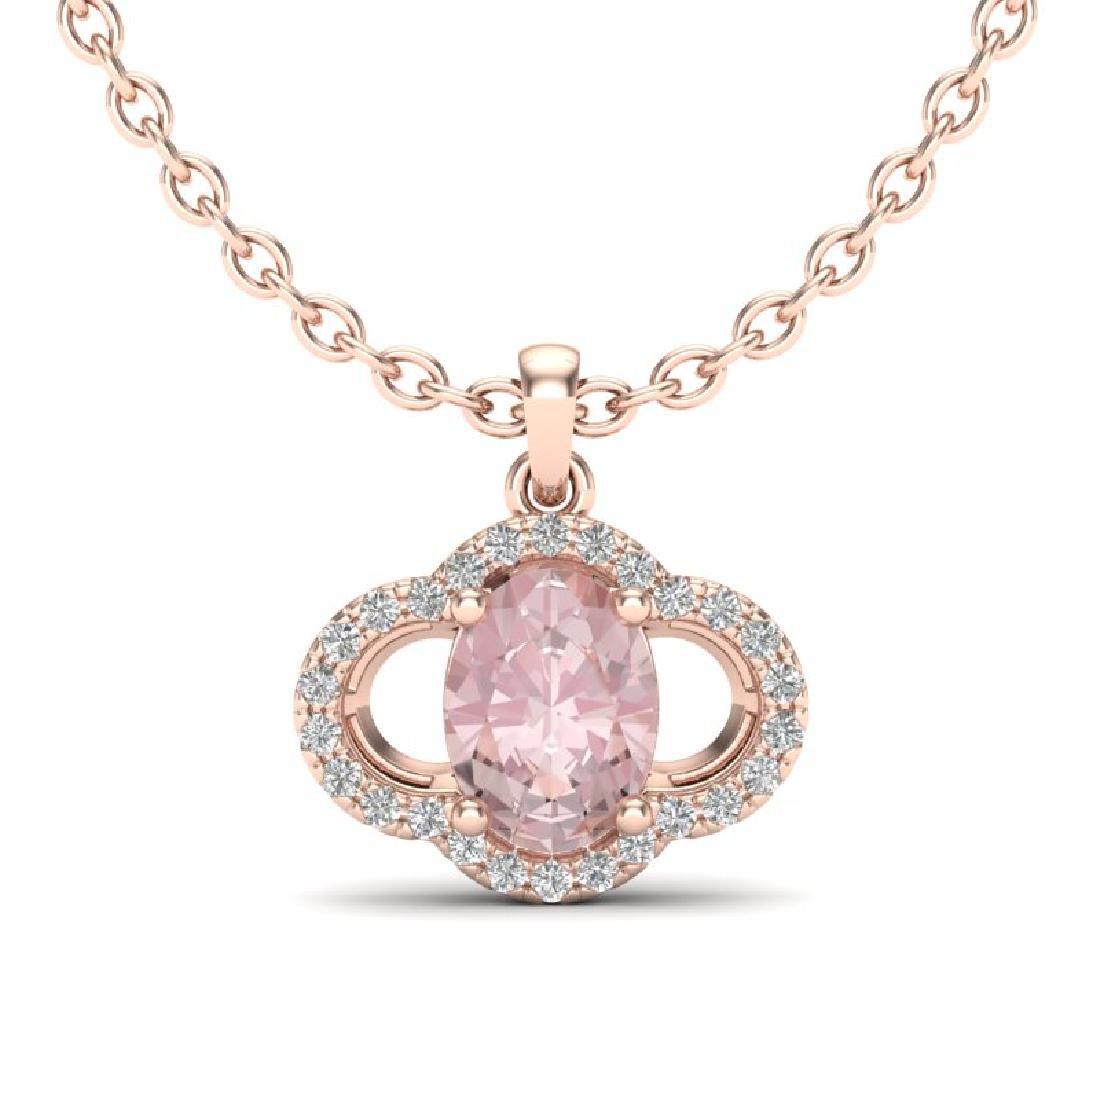 1.75 CTW Morganite & Micro Pave VS/SI Diamond Necklace